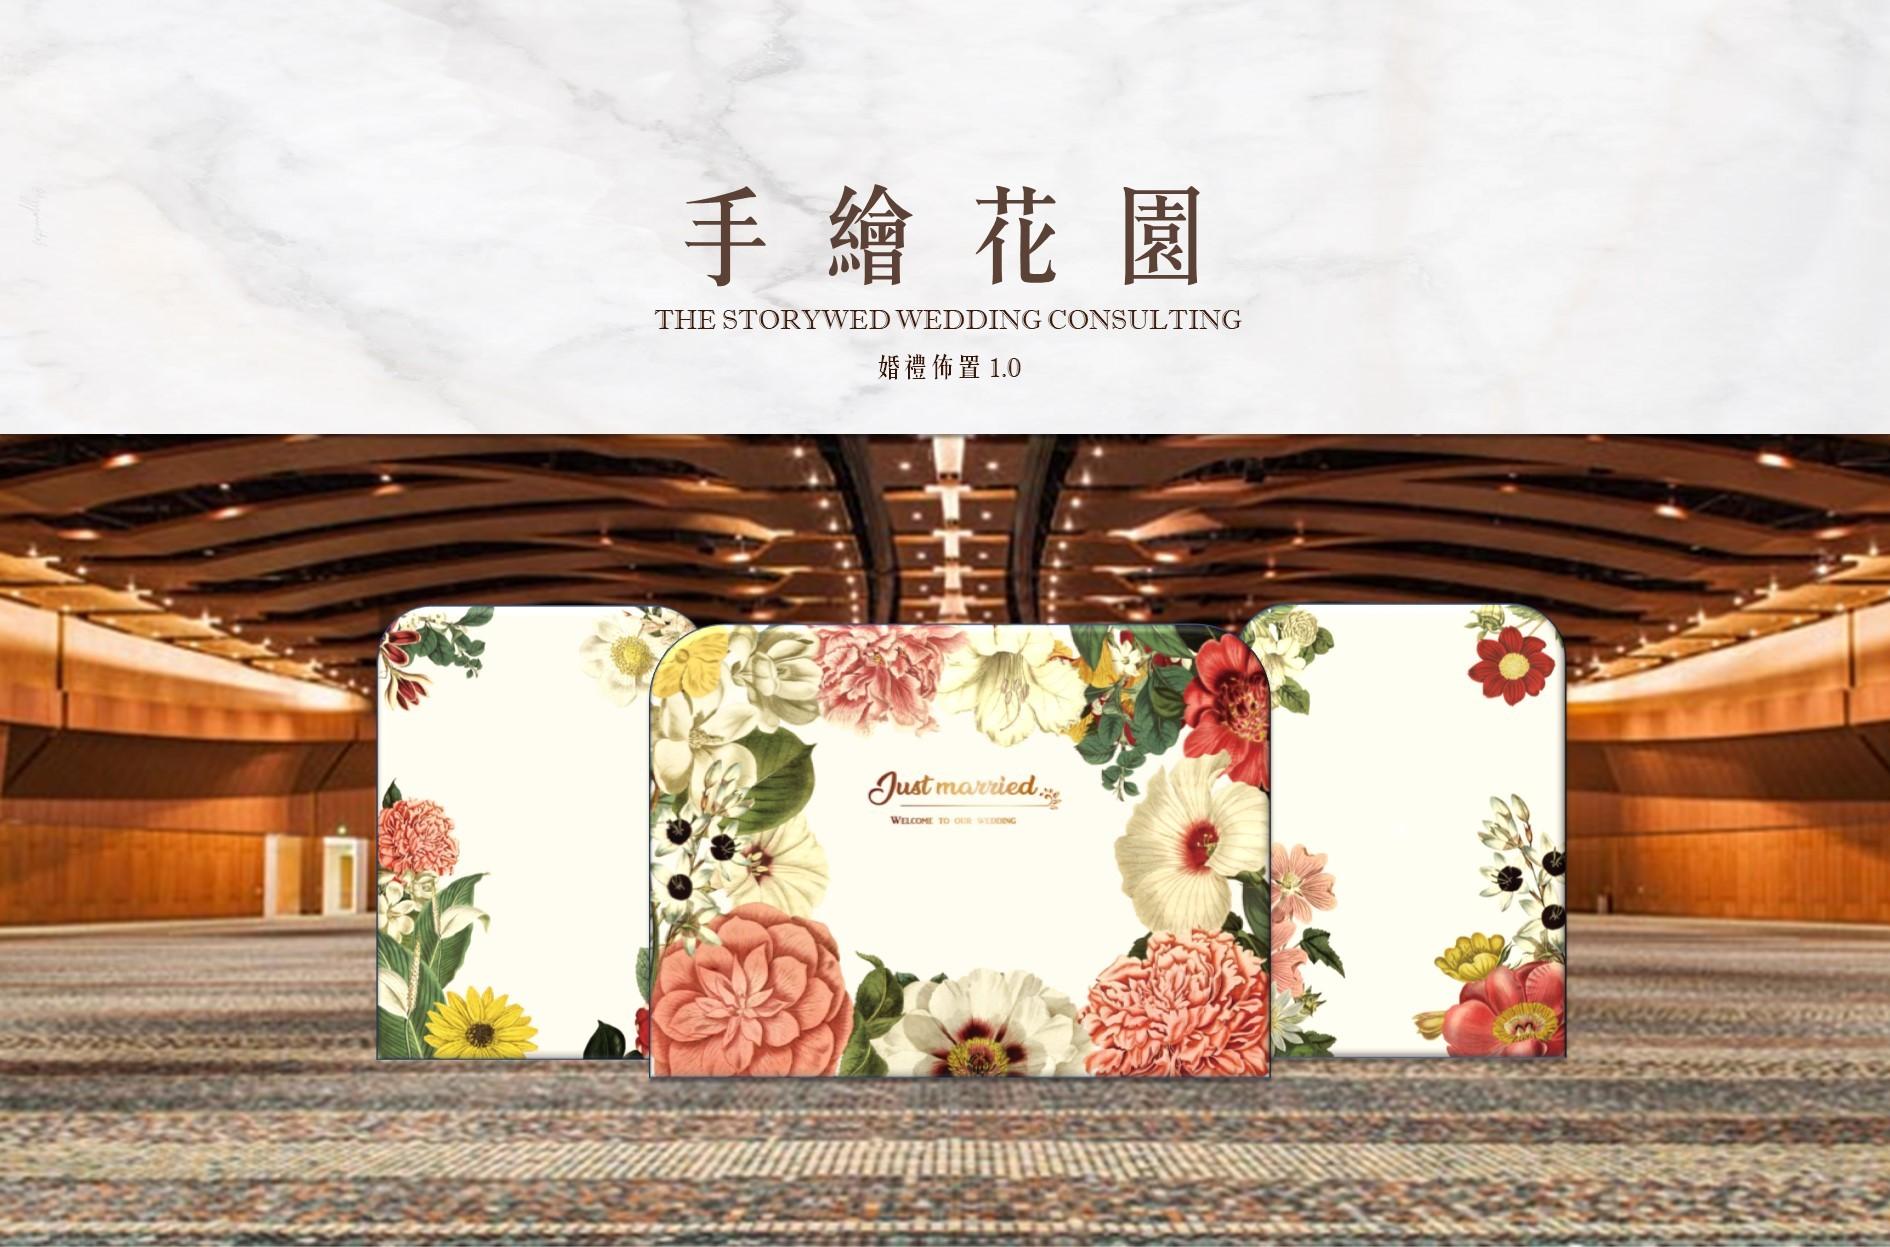 〖婚禮佈置1.0〗手繪花園